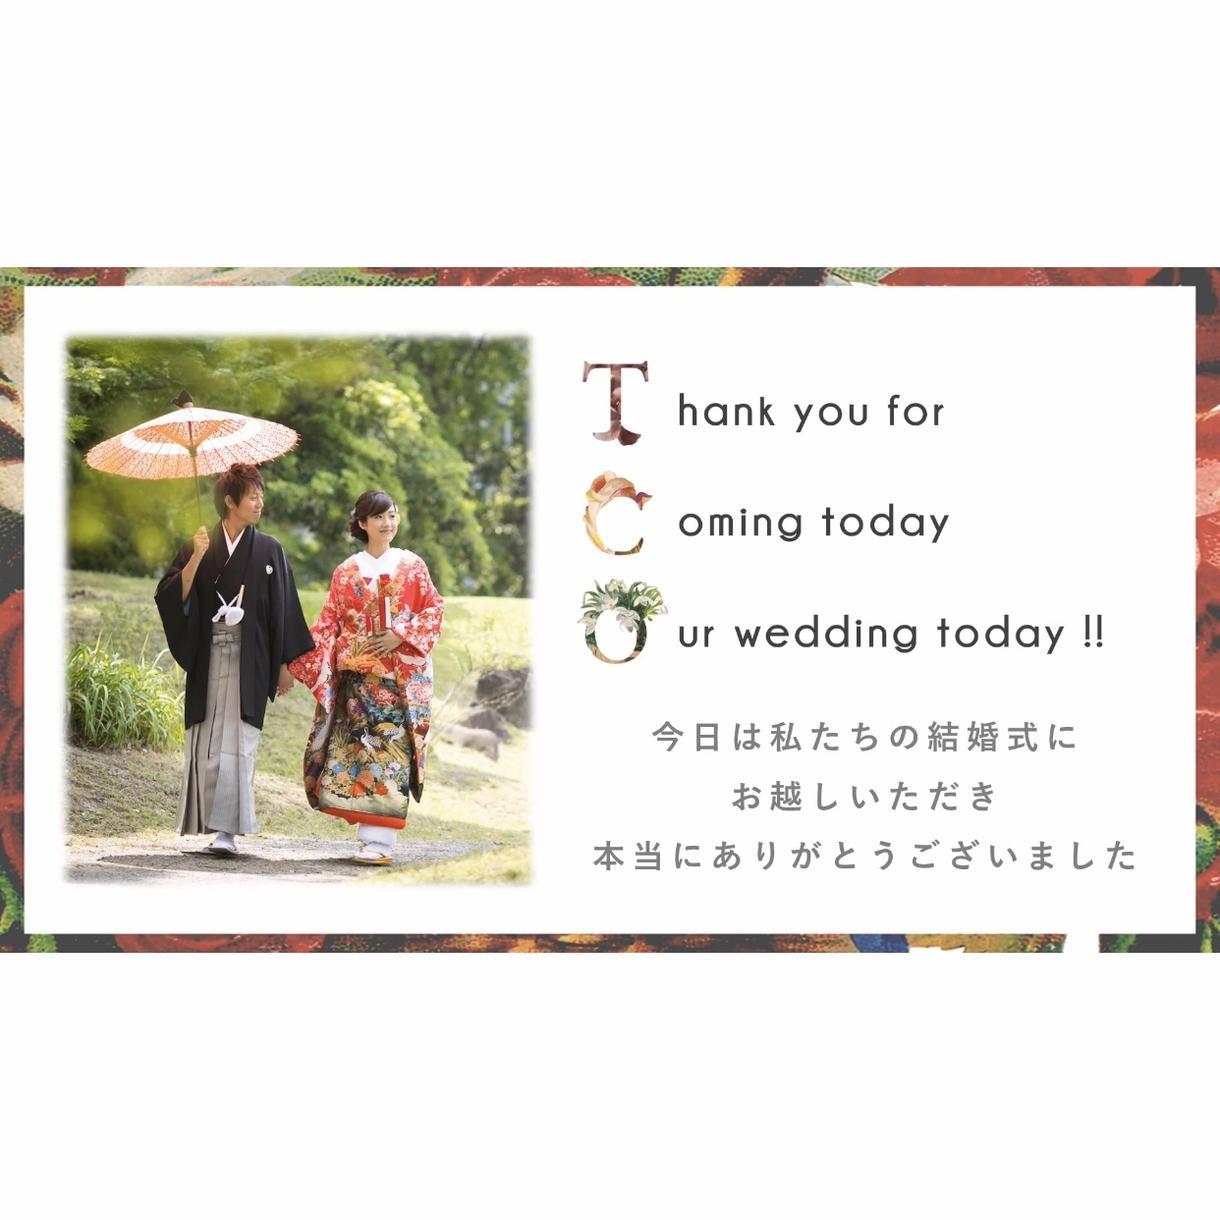 6月まで5000円引き!エンディング動画制作します フルHD画質&オシャレな結婚式用動画で更に華やかな結婚式を♪